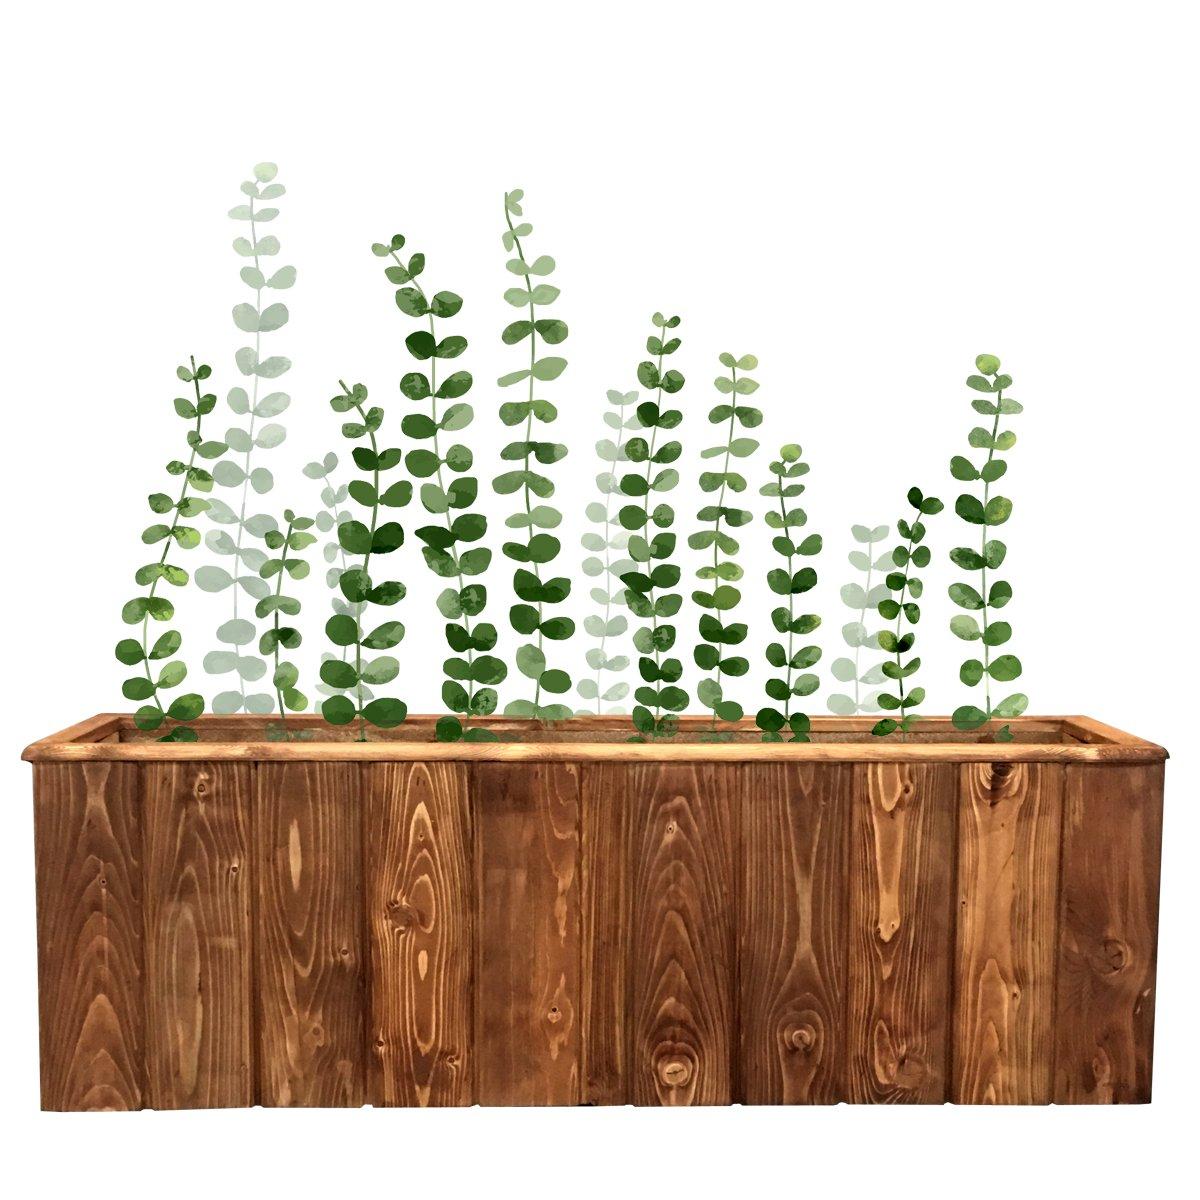 فلاورباکس چوبی مناسب برای گیاهان آپارتمانی